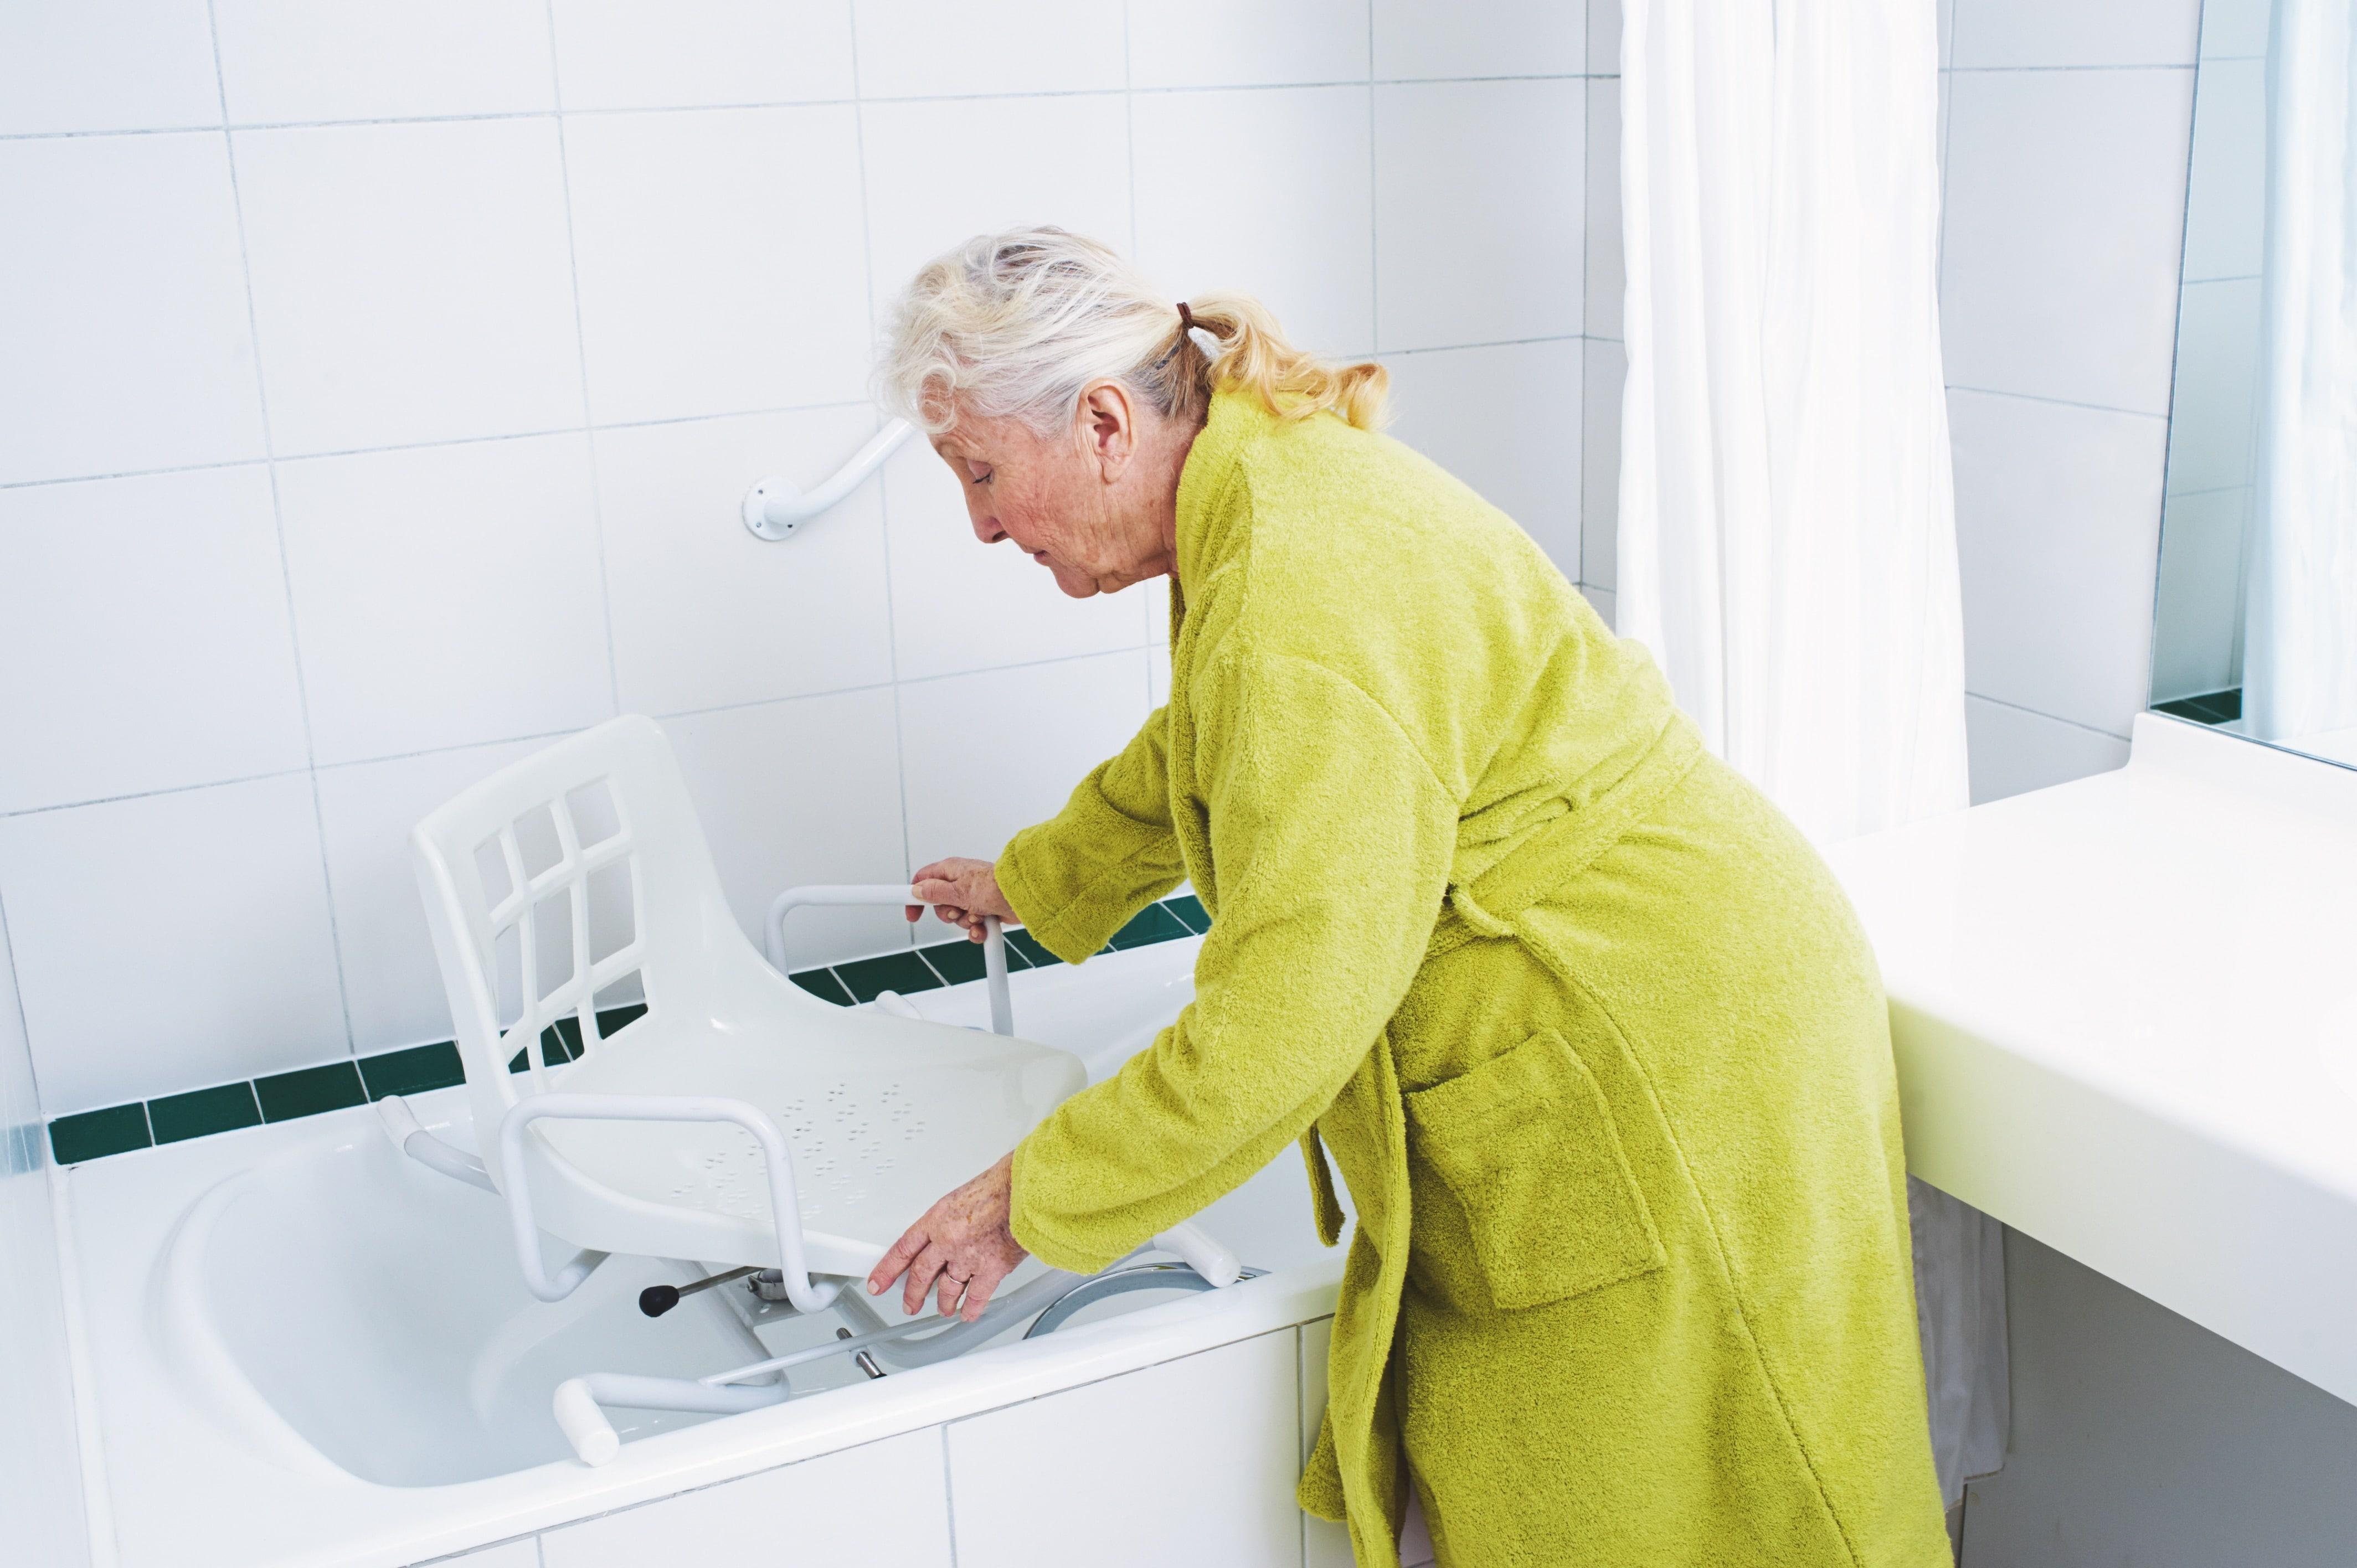 Siège de baignoire pivotant qui permet d'éviter l'enjambement de la baignoire et ainsi de limiter le risque de chute des personnes âgées